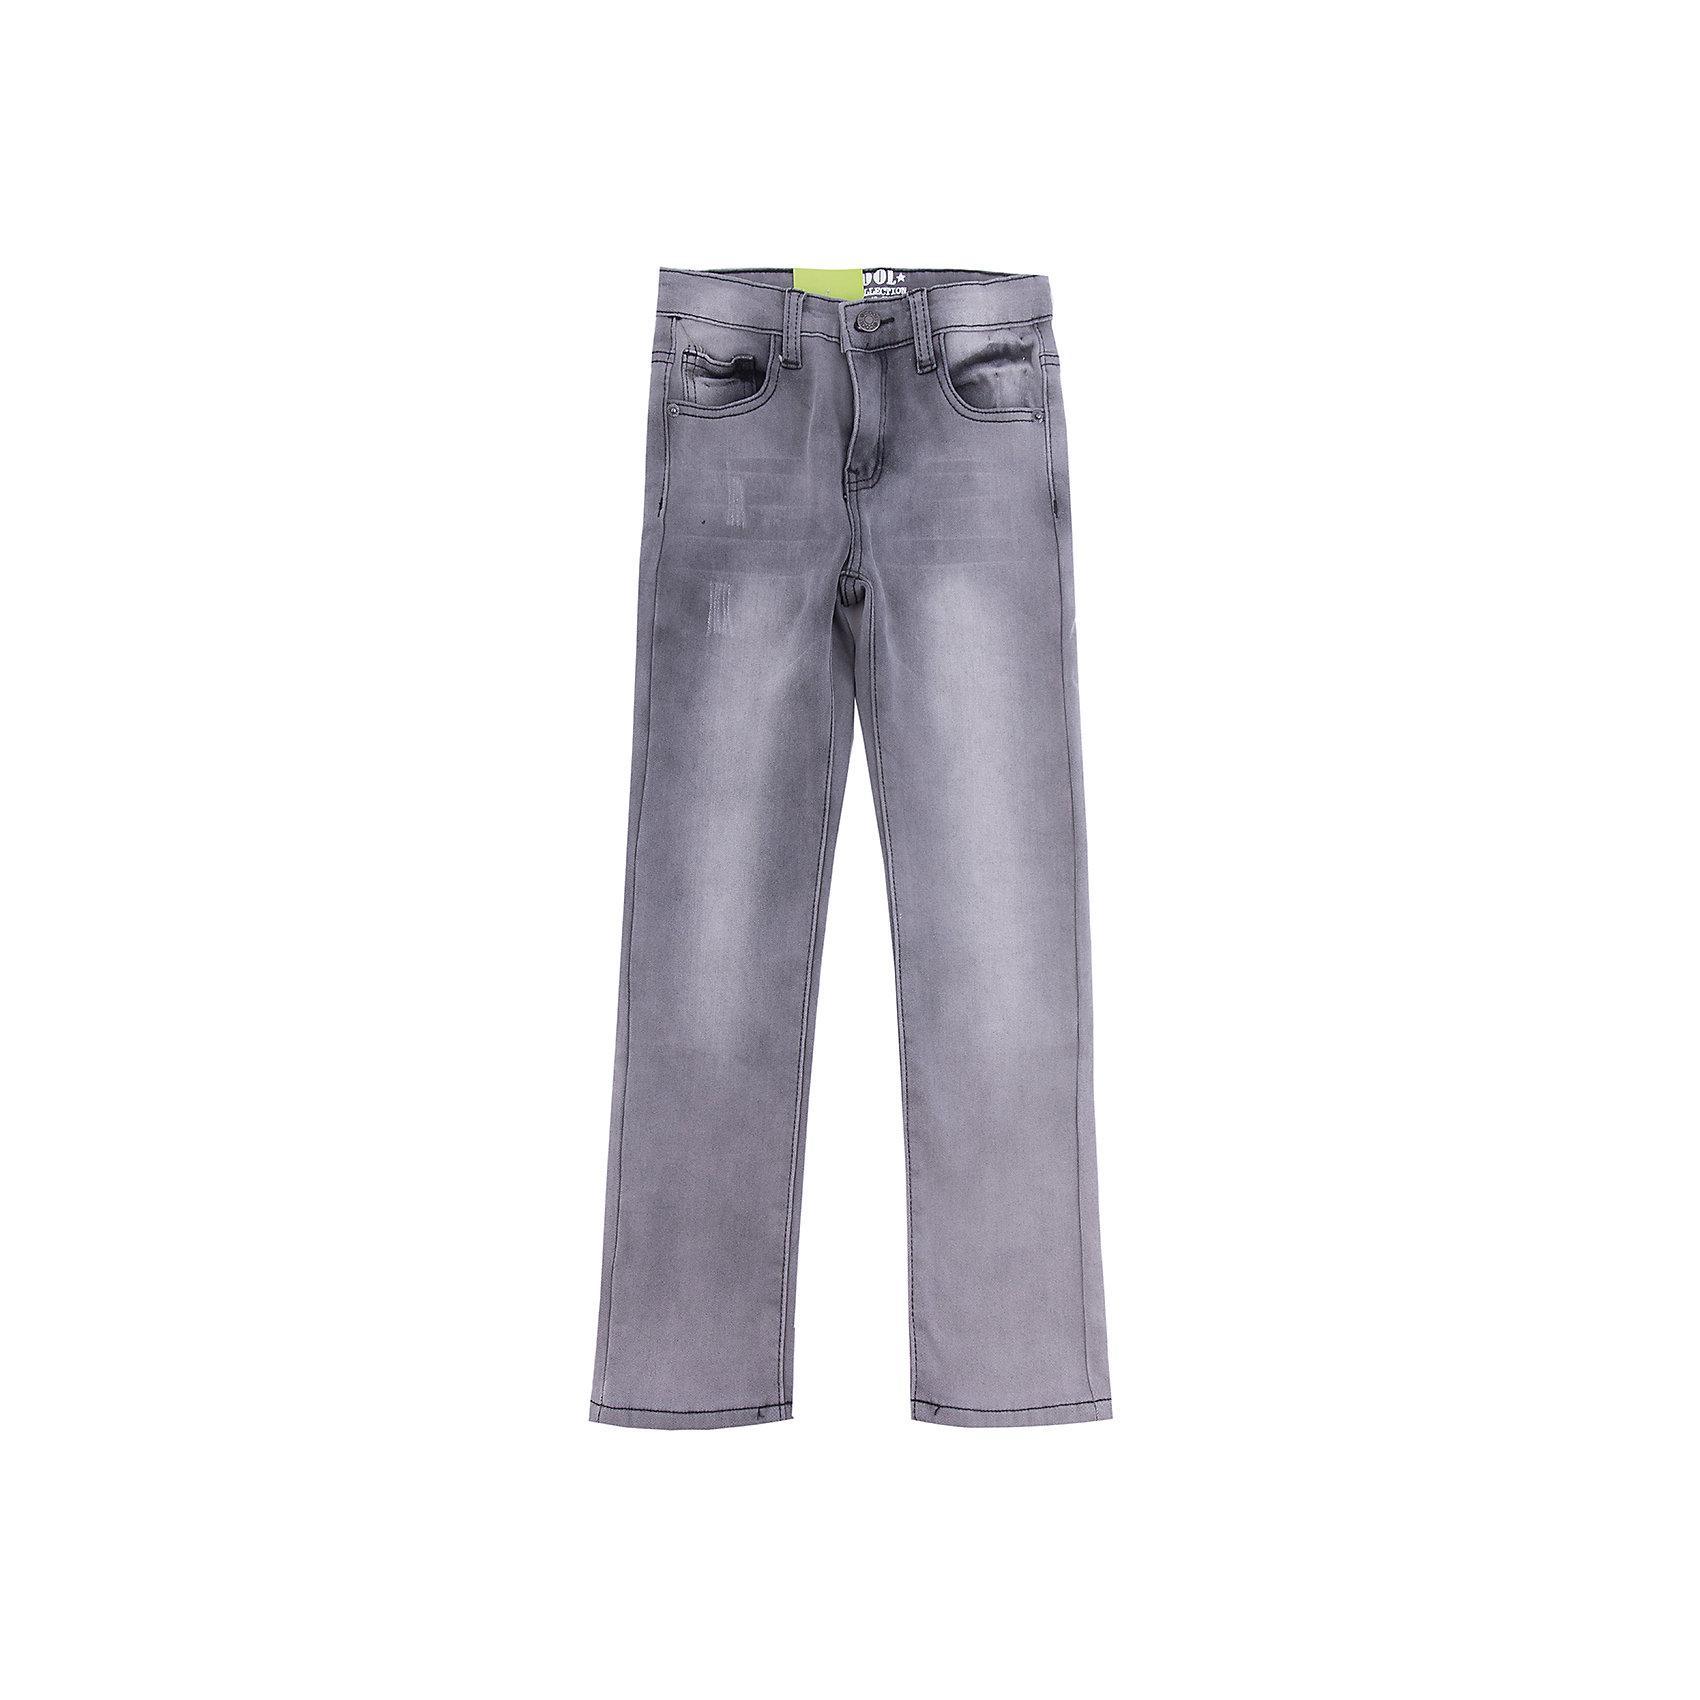 Джинсы Scool для мальчикаДжинсы<br>Джинсы Scool для мальчика<br>Брюки - джинсы из смесовой ткани с высоким содержанием хлопка. Классическая 5-ти карманная модель со шлевками. При необходимости можно использовать ремень. В качестве декора использованы потертости.<br>Состав:<br>50% хлопок, 50% полиэстер<br><br>Ширина мм: 215<br>Глубина мм: 88<br>Высота мм: 191<br>Вес г: 336<br>Цвет: серый<br>Возраст от месяцев: 156<br>Возраст до месяцев: 168<br>Пол: Мужской<br>Возраст: Детский<br>Размер: 164,134,140,146,152,158<br>SKU: 7104908